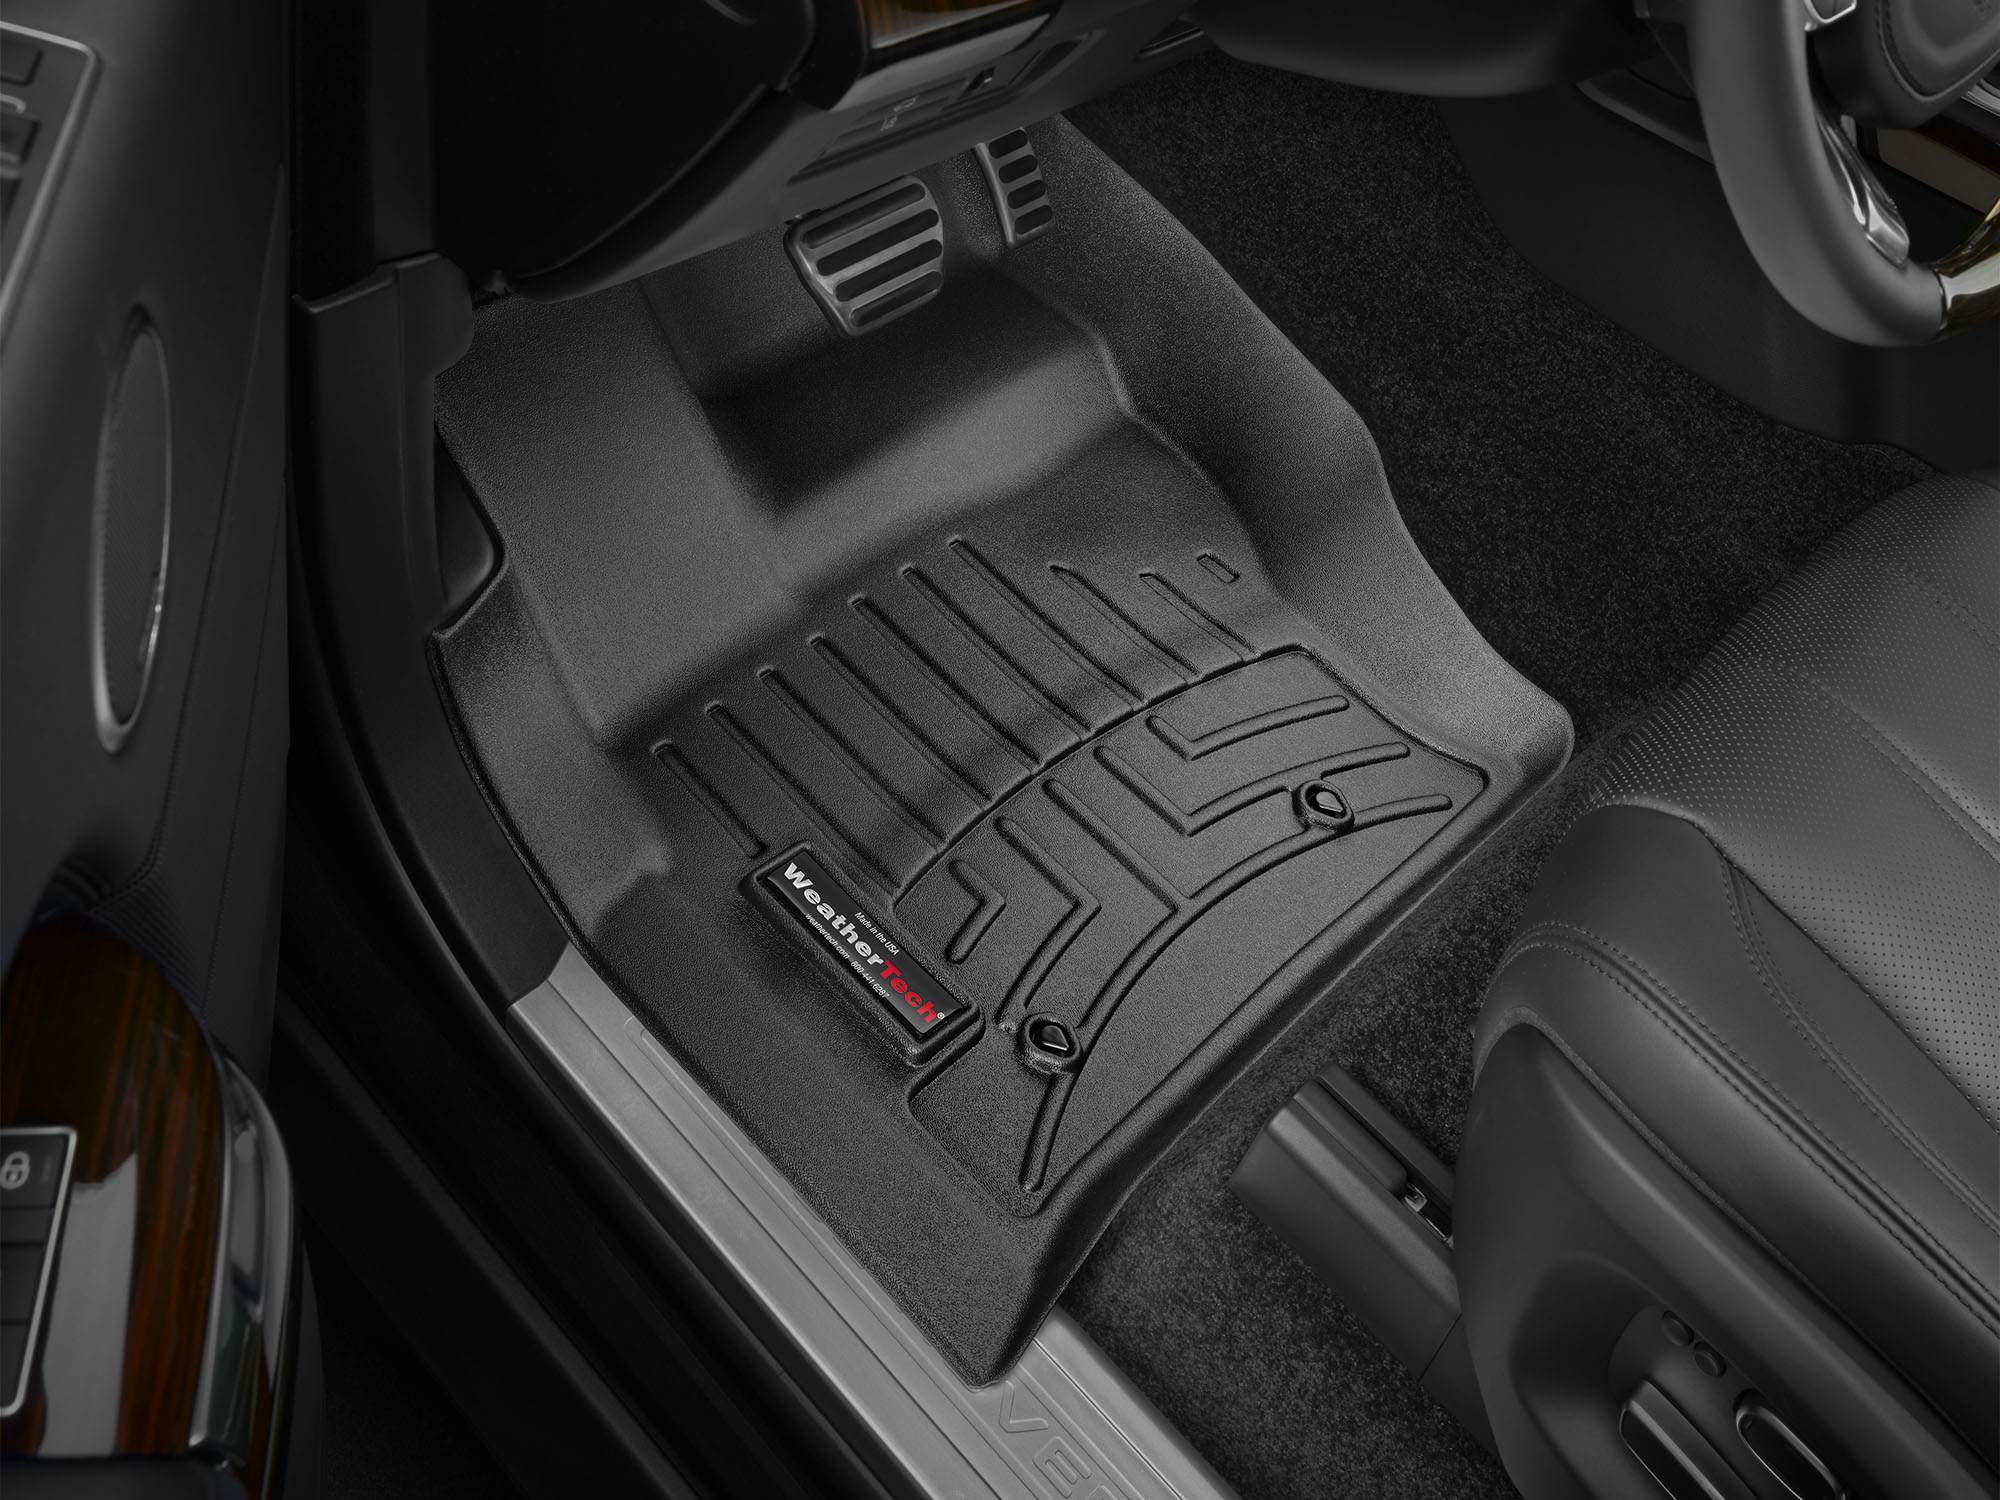 Tappeti gomma su misura bordo alto Land Rover 13>13 Nero A1974*